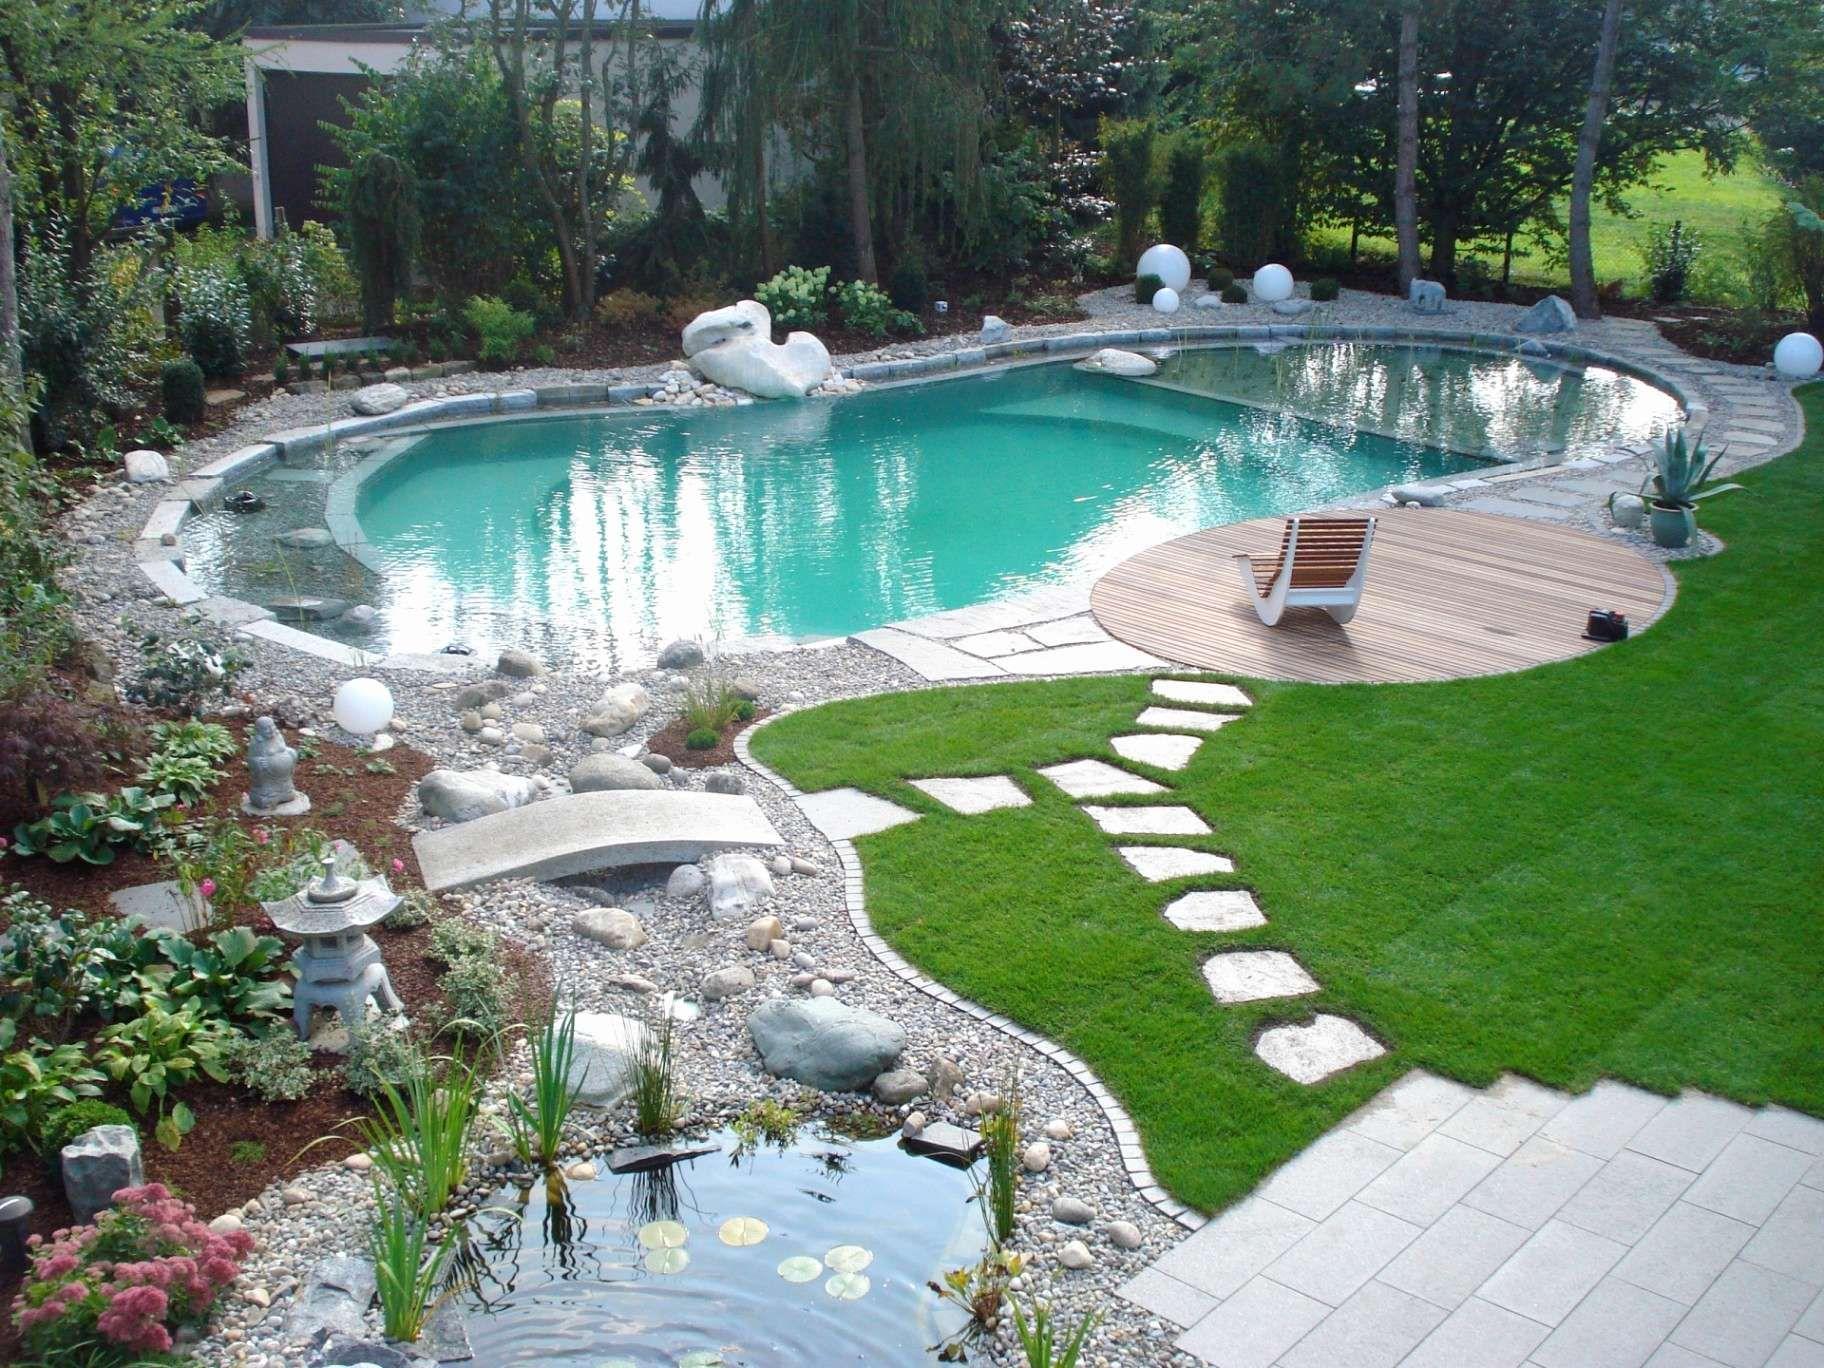 Kleiner Garten Mit Pool Gestalten Einzigartig Gartengestaltung Mit Pool Schon Garten Und Pool Gestalt Gartengestaltung Mit Pool Pool Im Garten Garten Gestalten